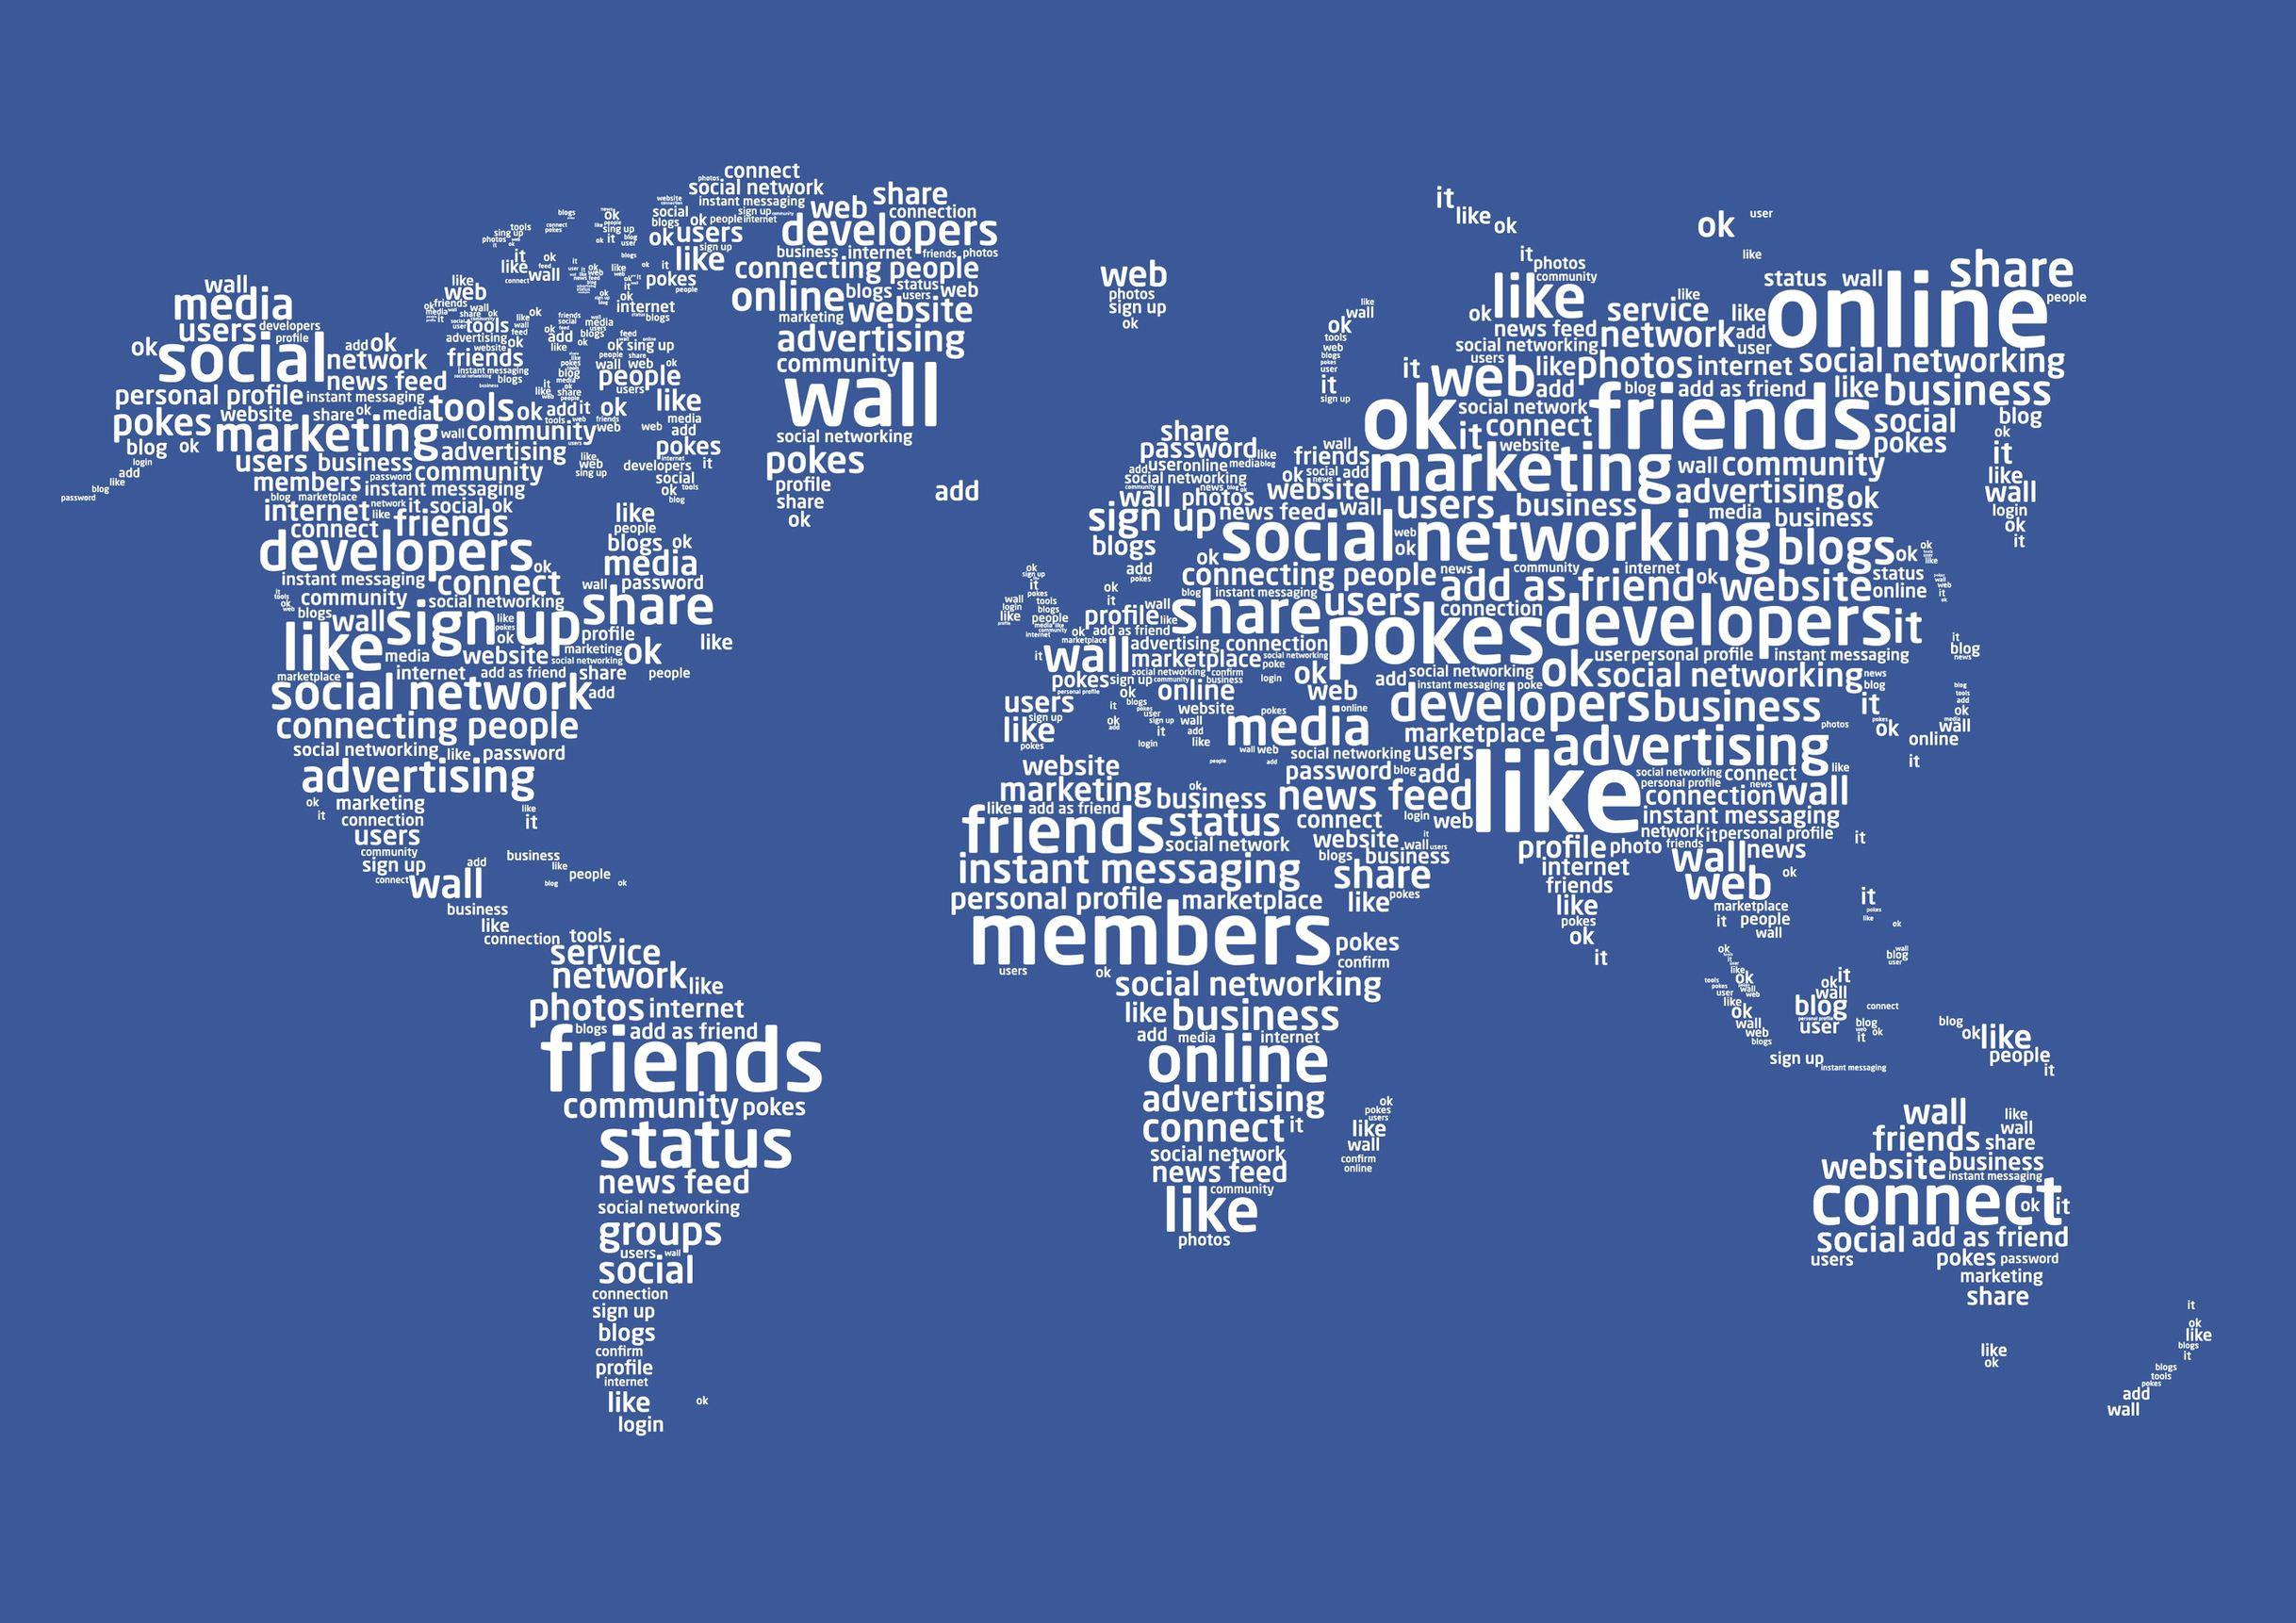 via Humor.gunaxin.com